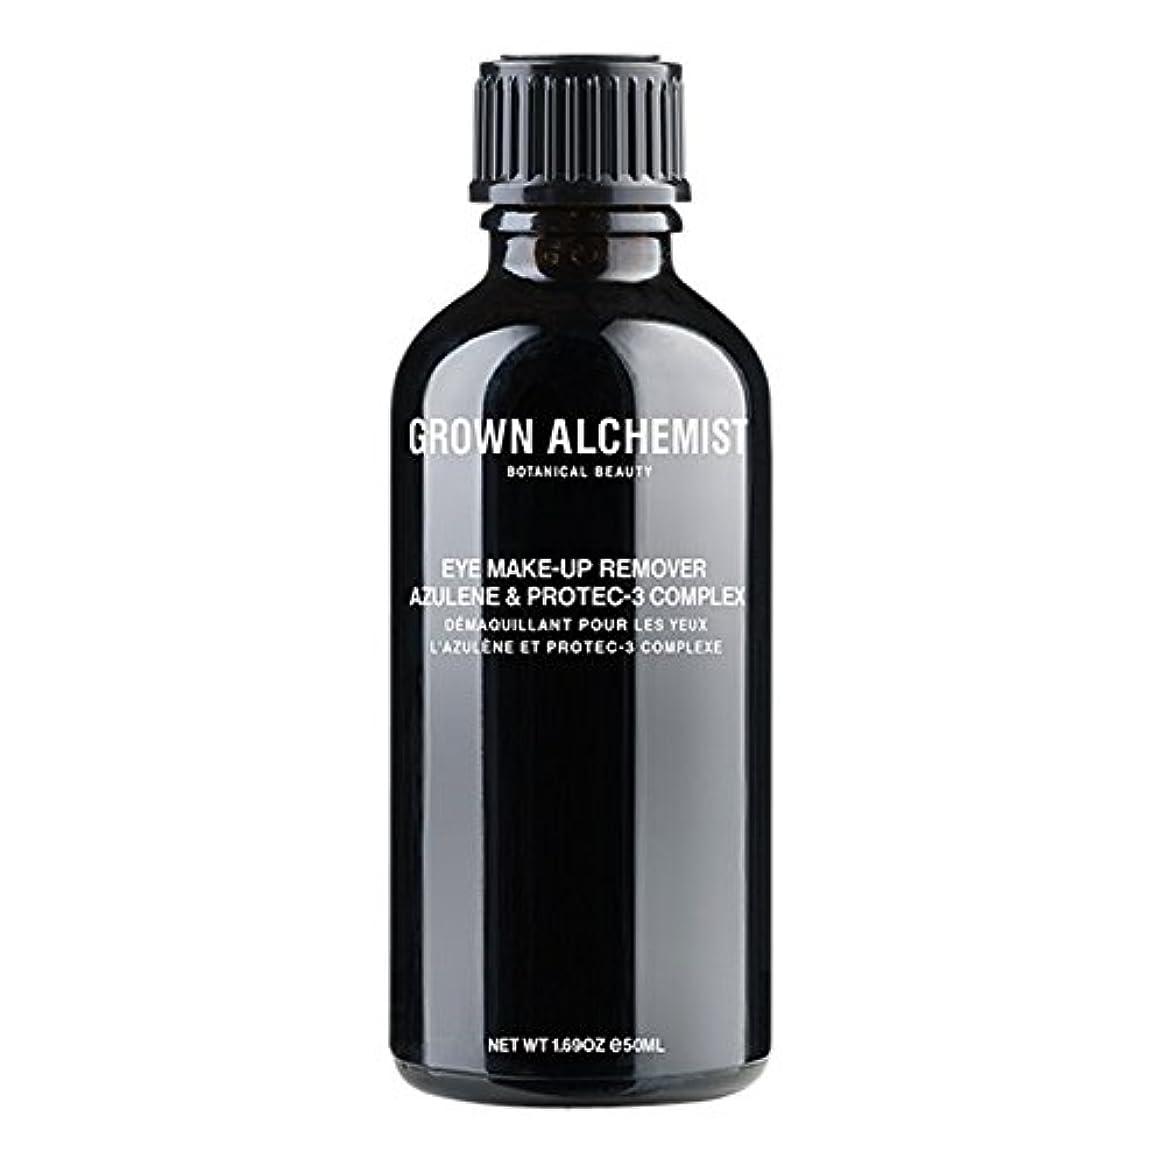 良心操作噛む成長した錬金術師アズレン&Protec-3アイメイクアップリムーバーの50ミリリットル (Grown Alchemist) - Grown Alchemist Azulene & Protec-3 Eye-Makeup...